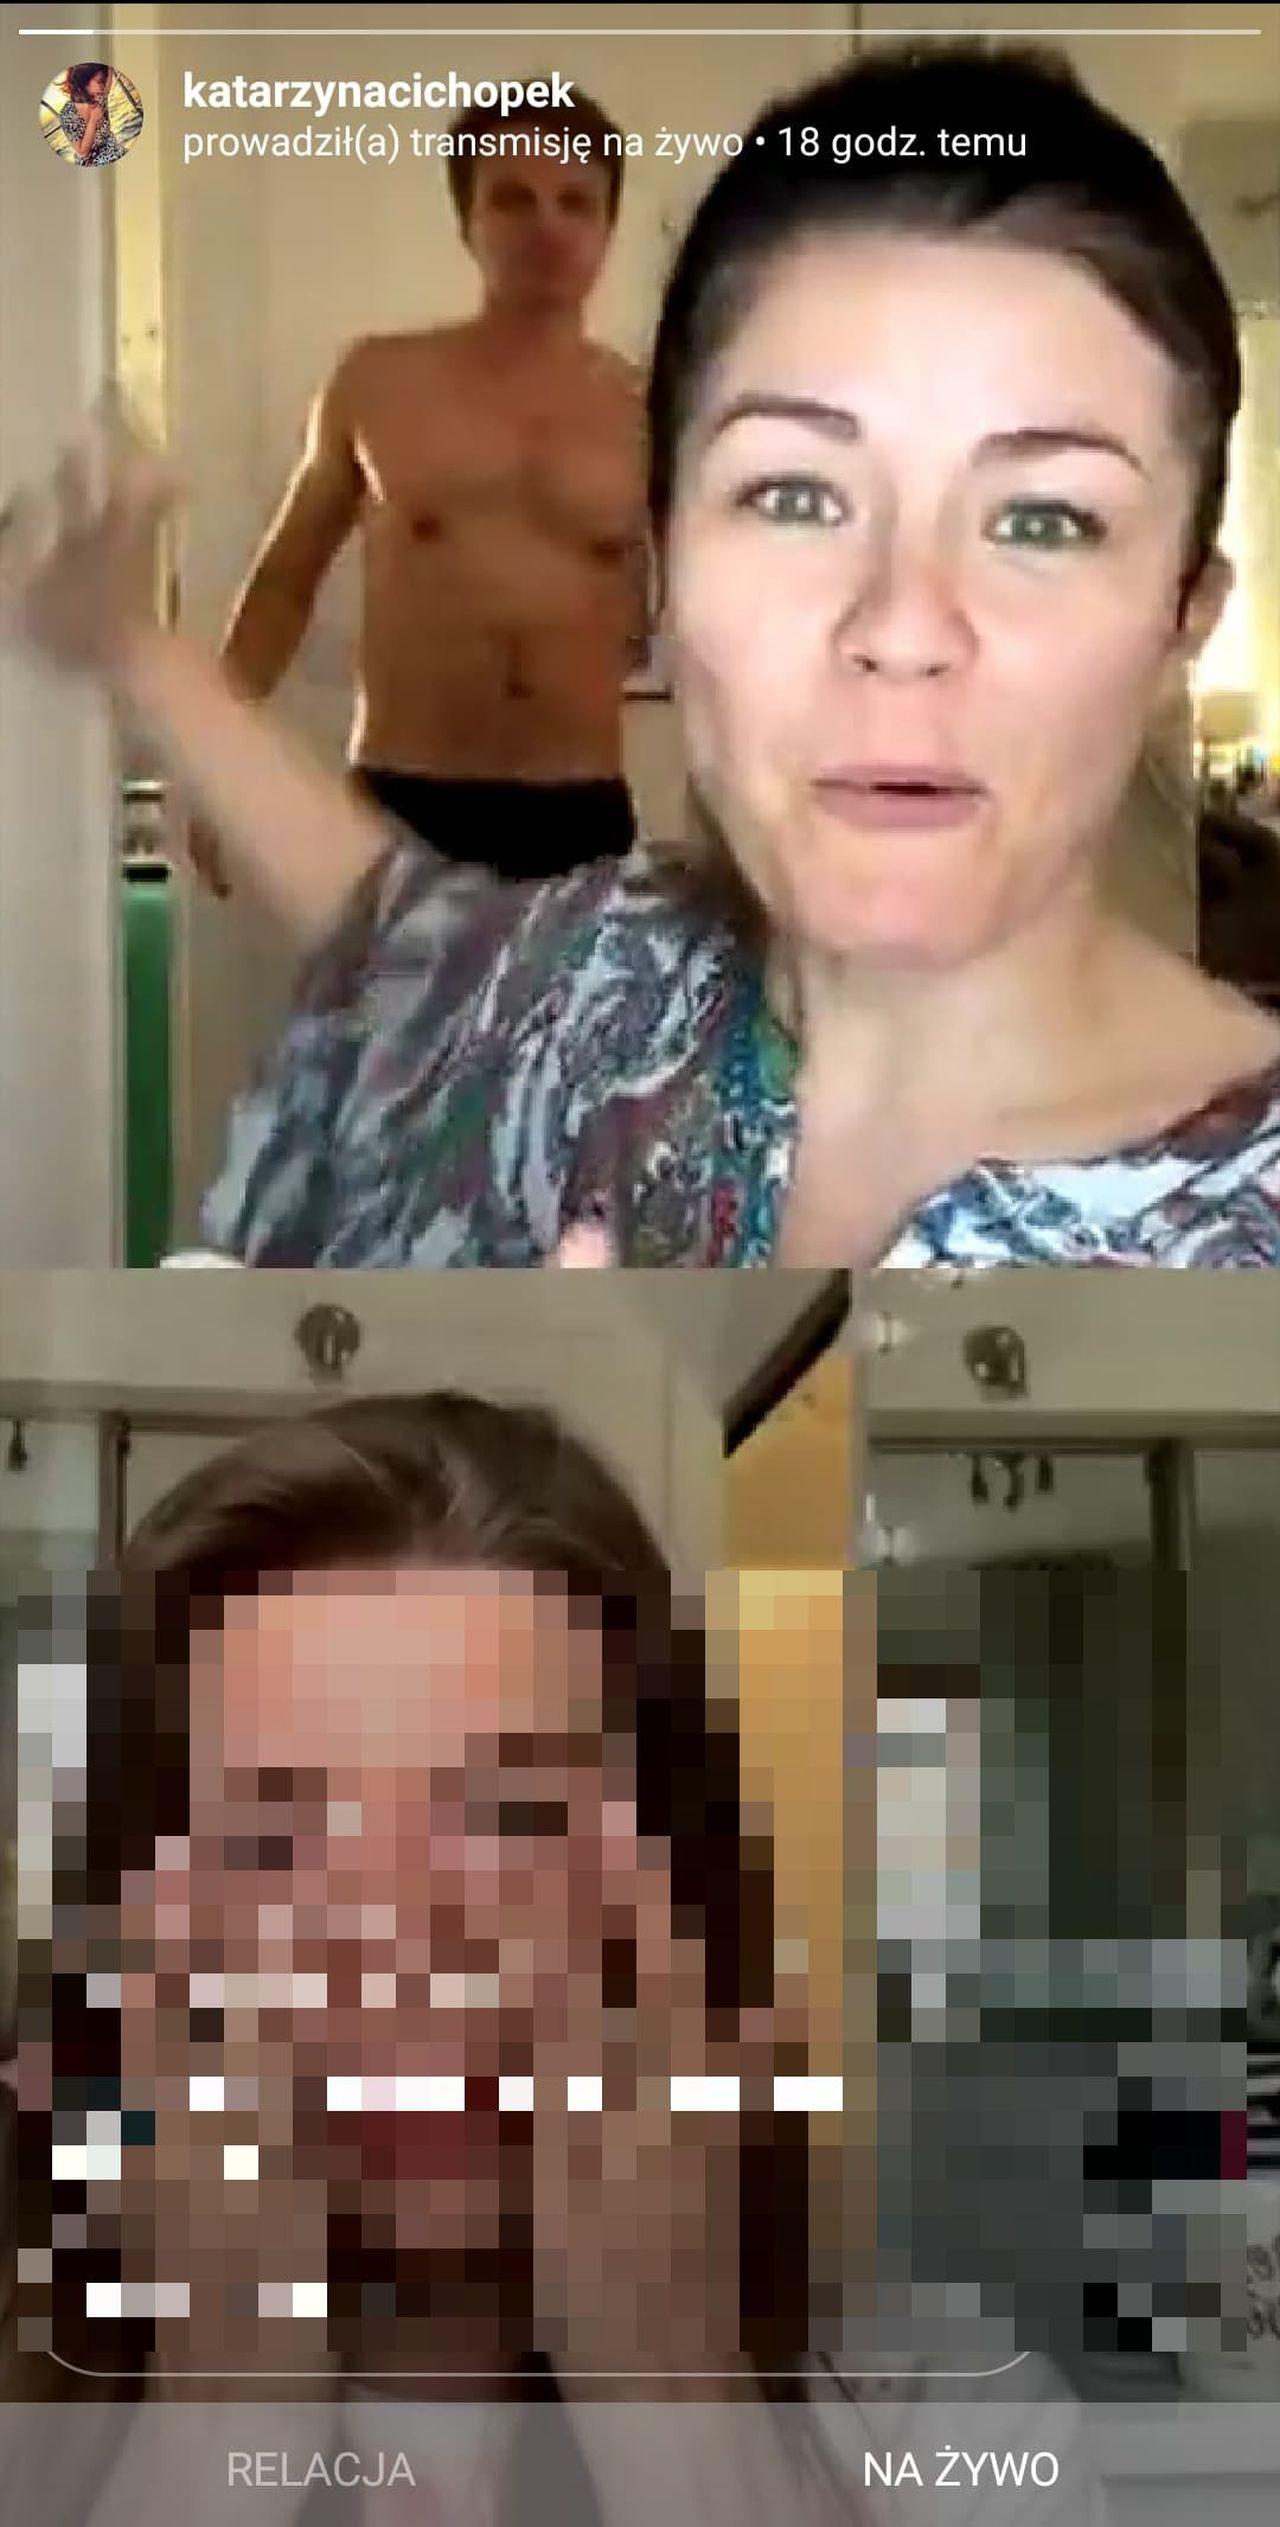 Katarzyna Cichopek na relacji live